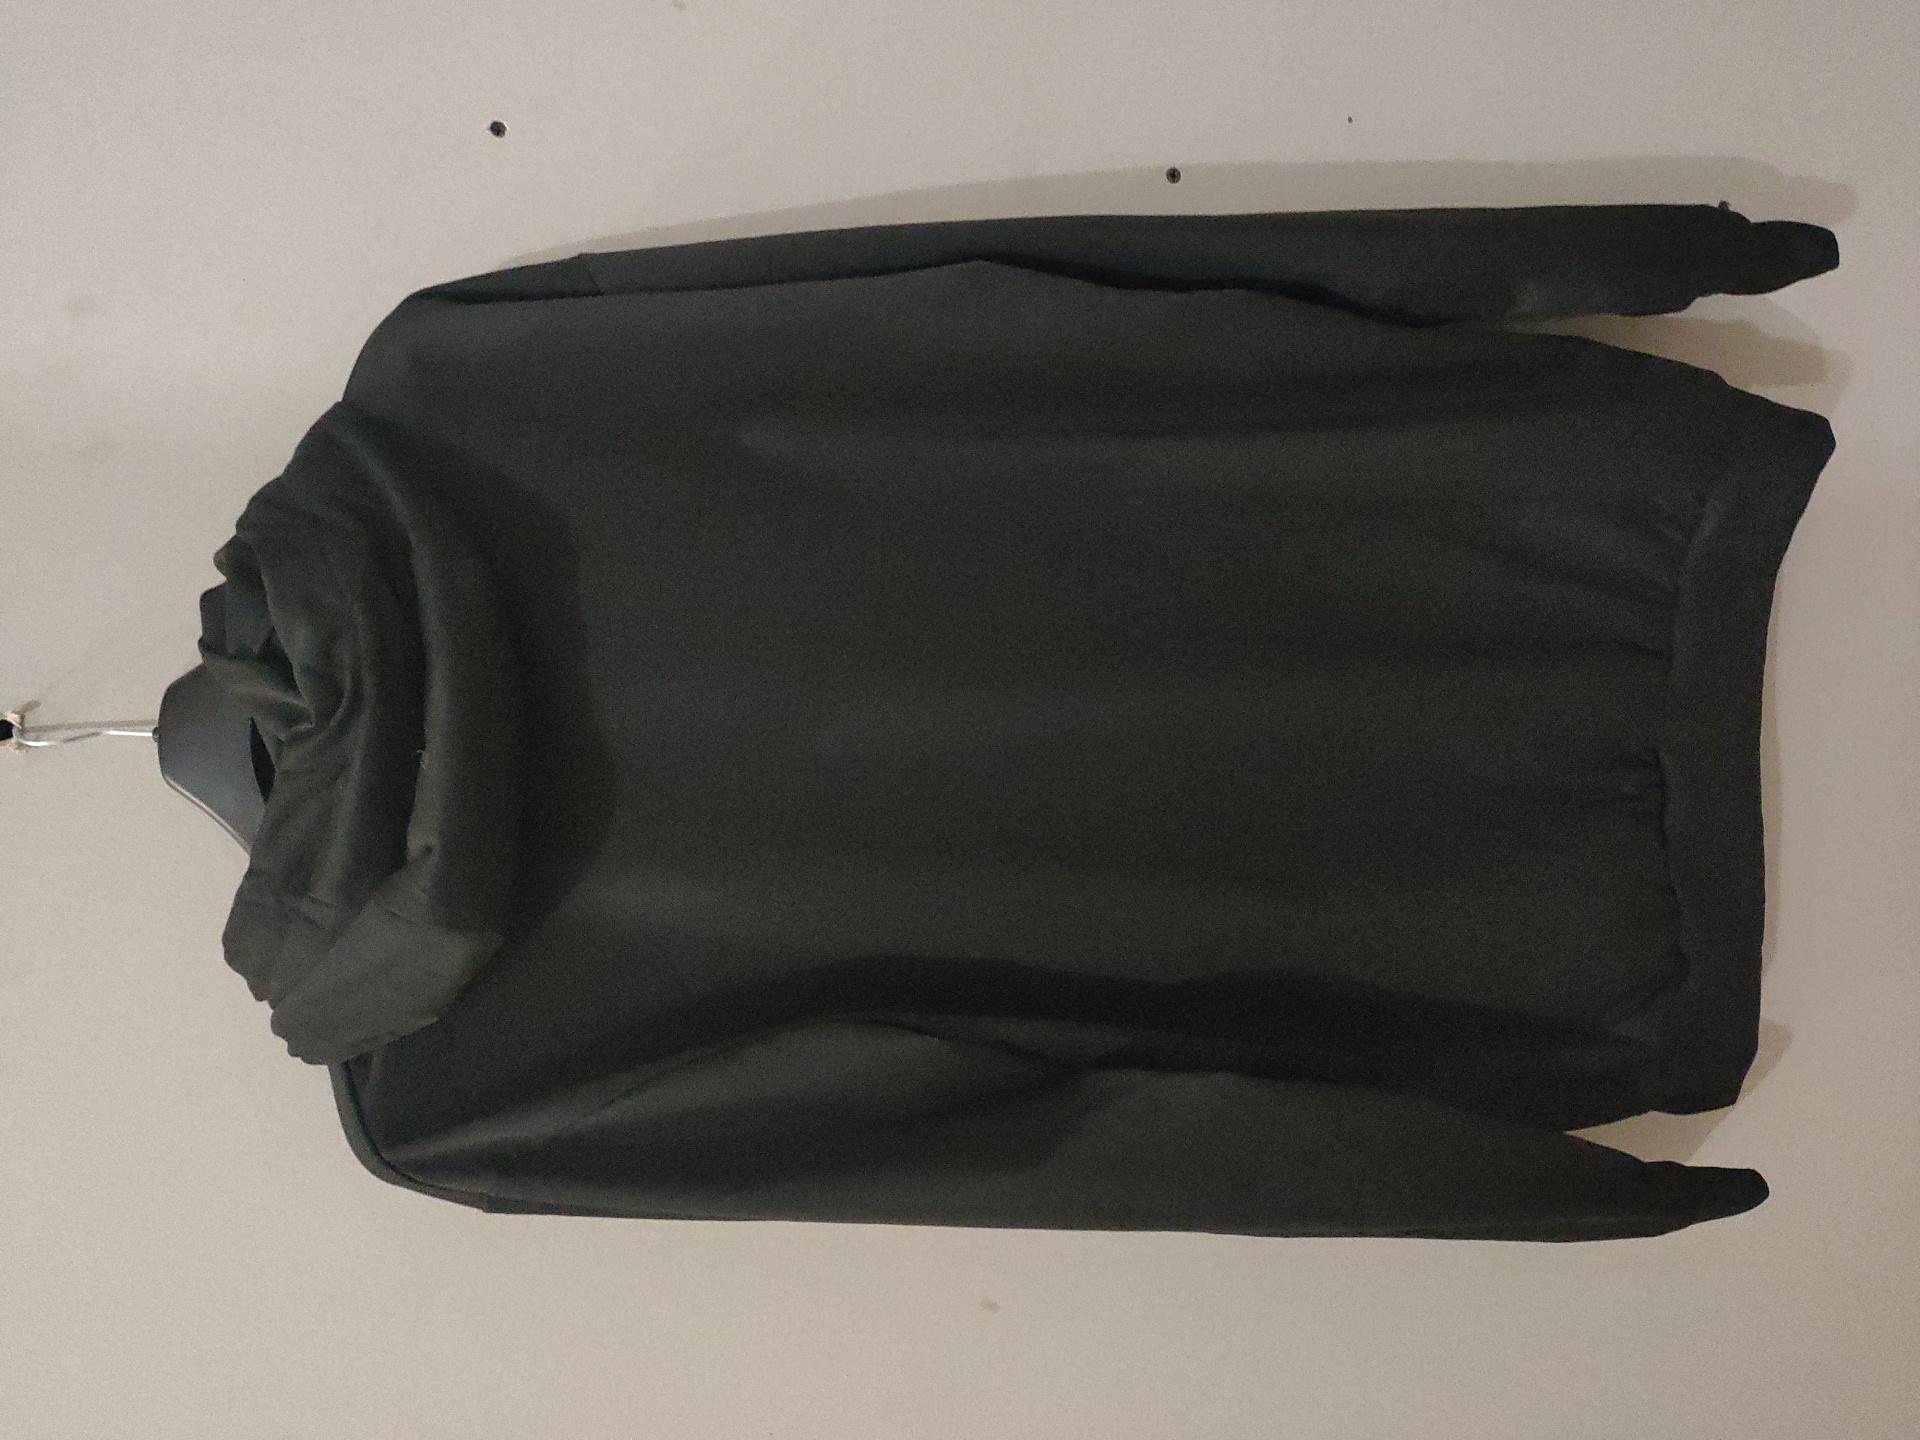 Fahion Herren Hoodies Sleeve Abzeichen Stil Pocket Crew Neck Sweatshirt 21 Neue hochwertige Hoodies für Männer Frauen 6 Farbe Größe M-2XL